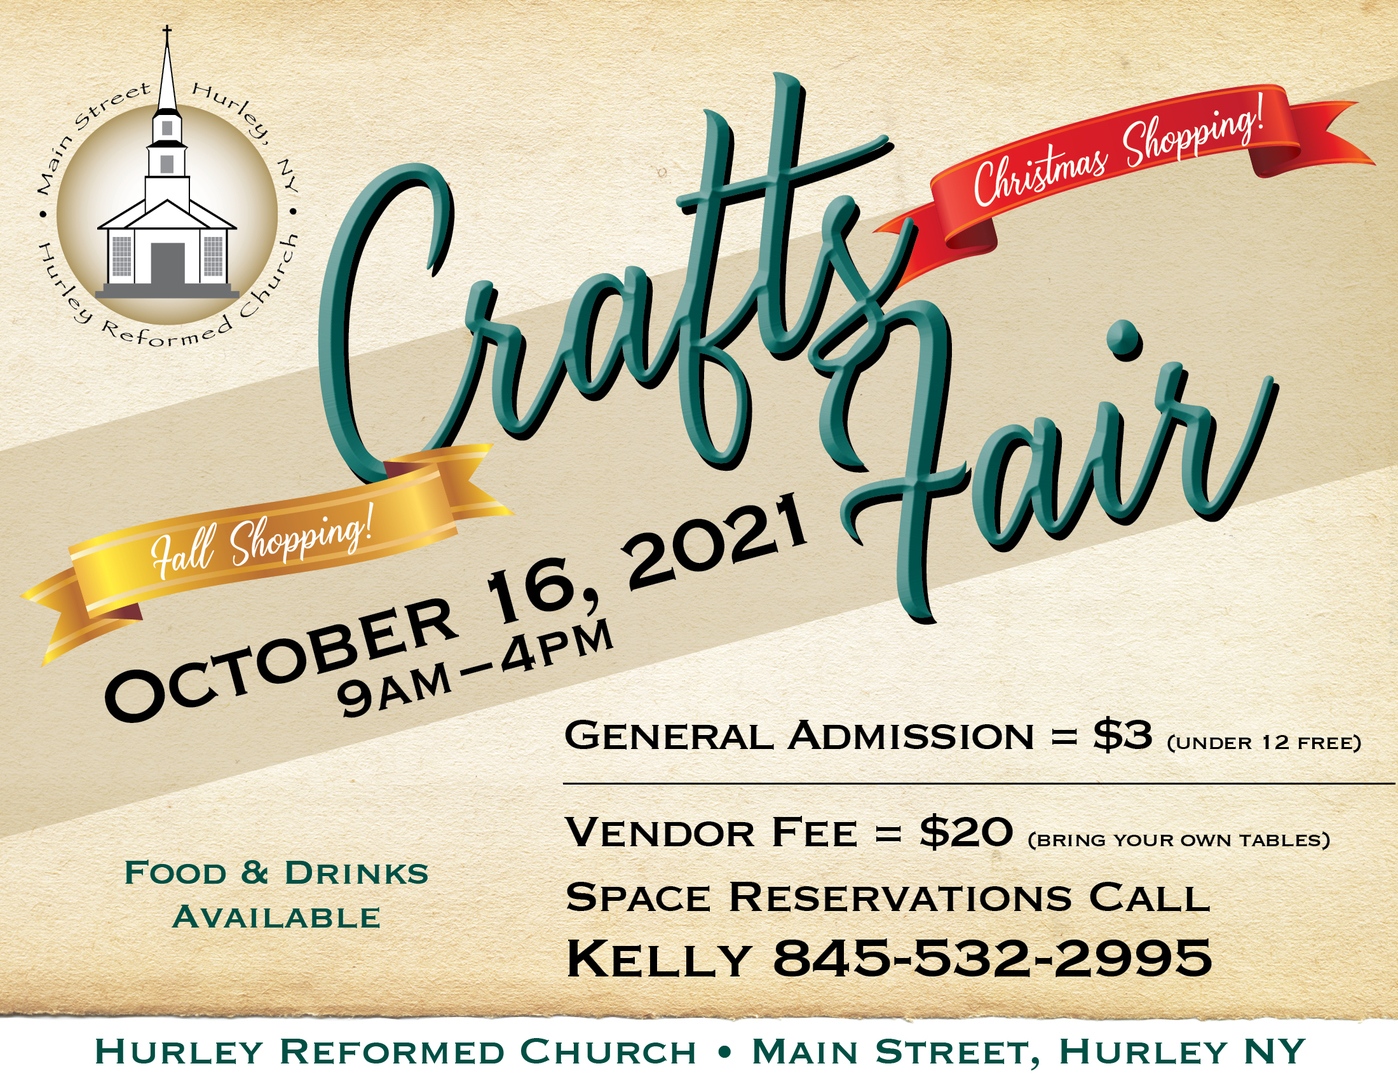 Craft/Vendor Fair